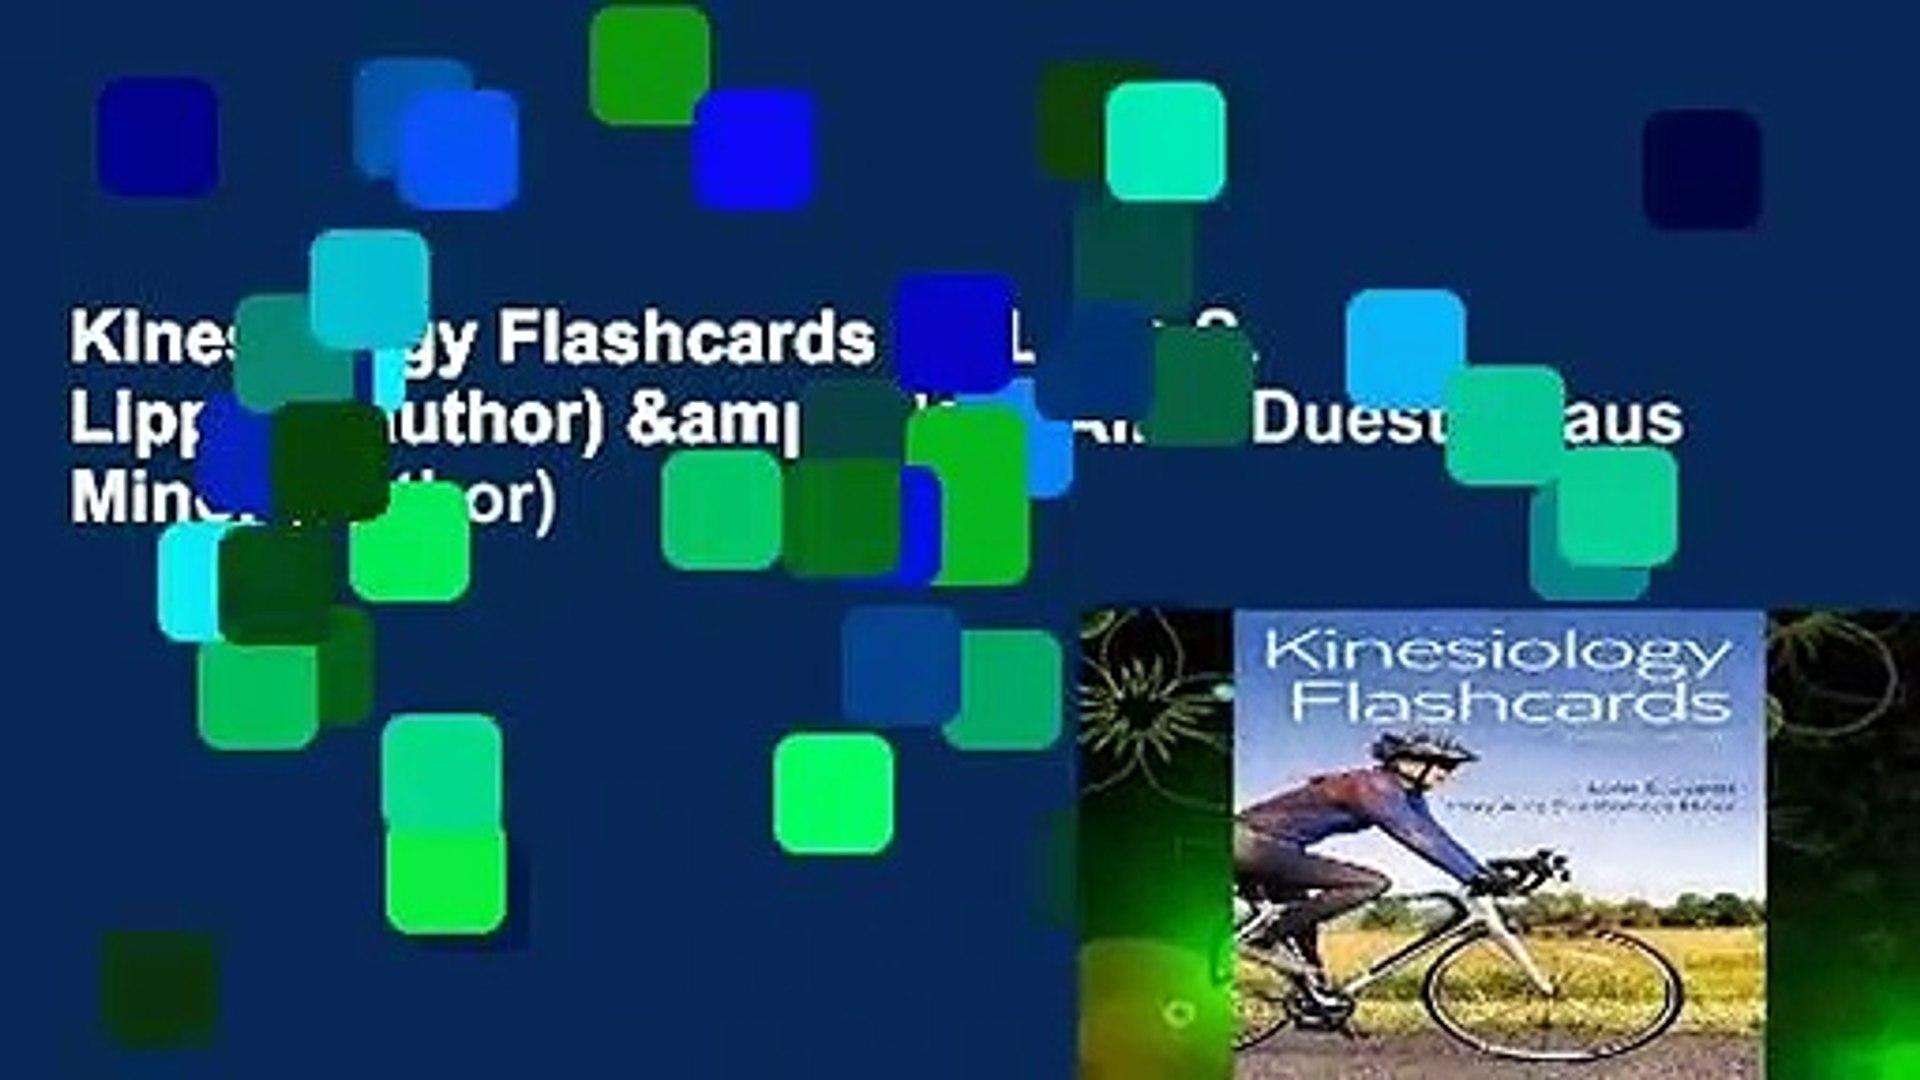 Kinesiology Flashcards by Lynn S Lippert author Mary Alice 1920x1080